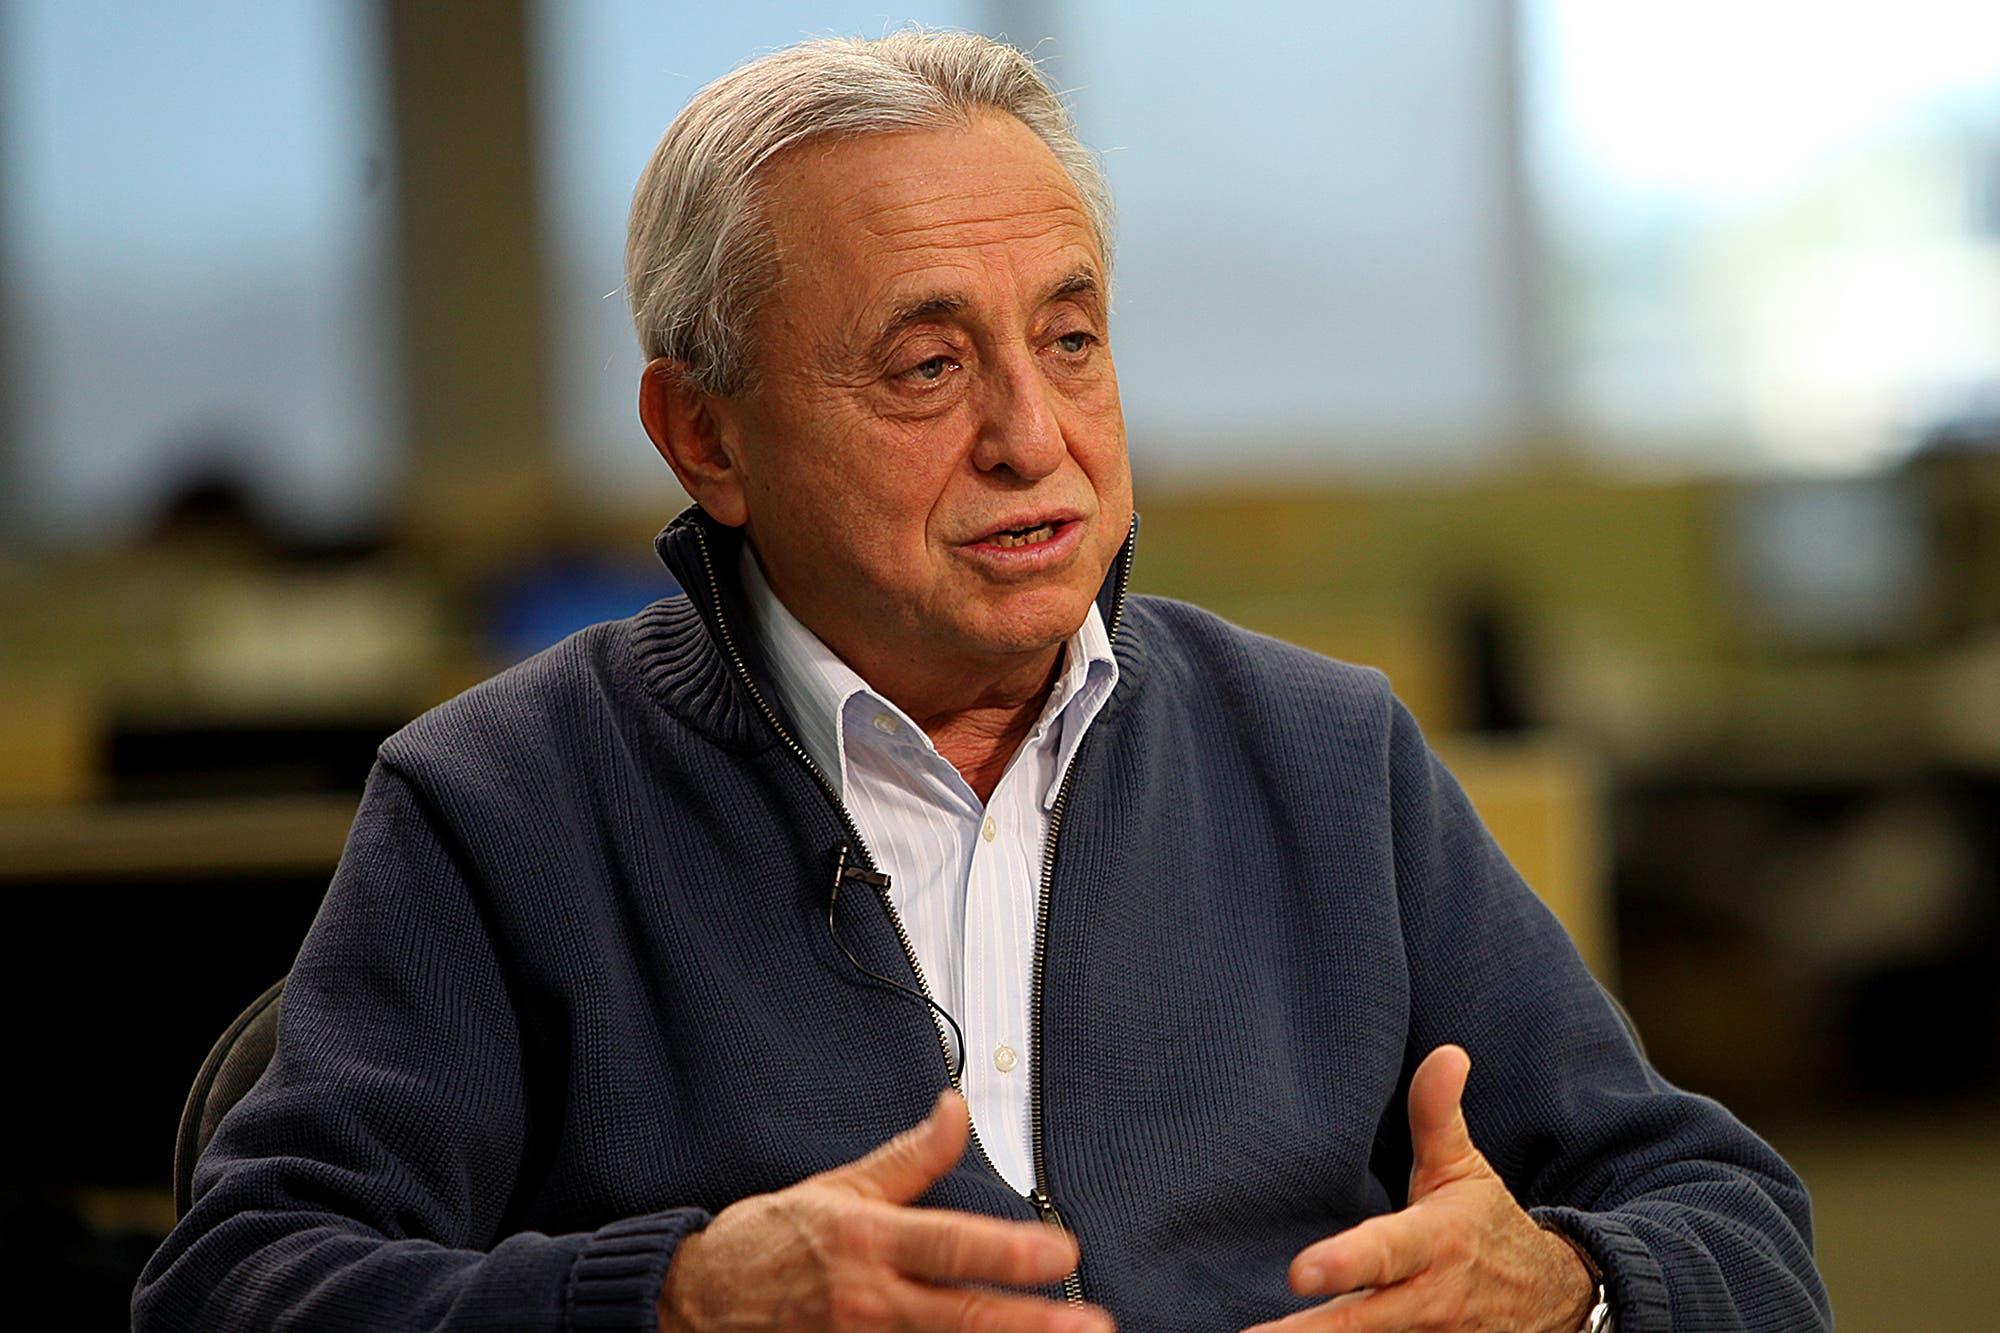 Pedro Cahn